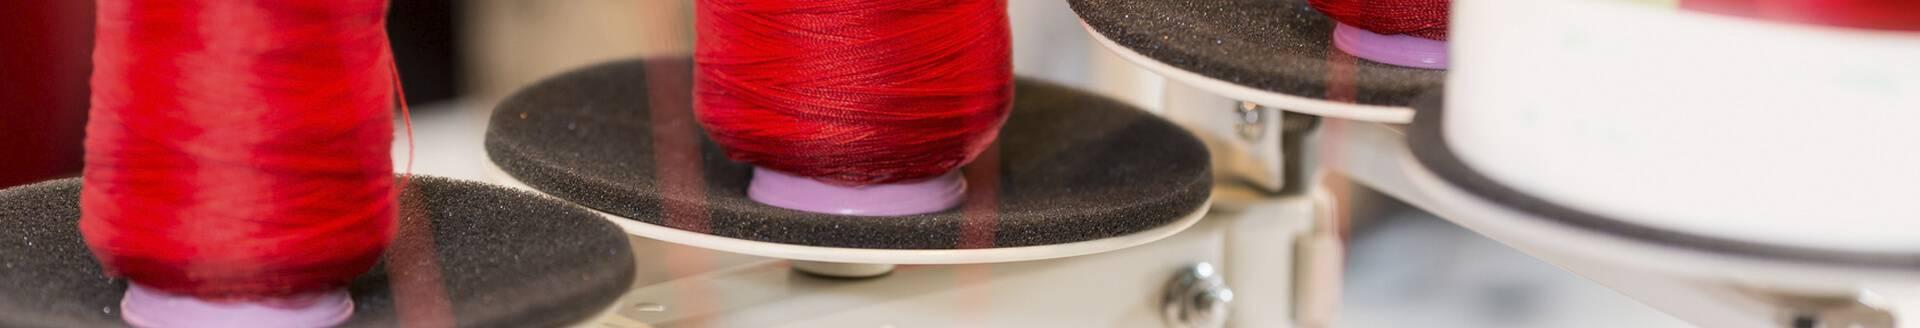 Venta online de portacarretes y portaconos para máquinas de coser